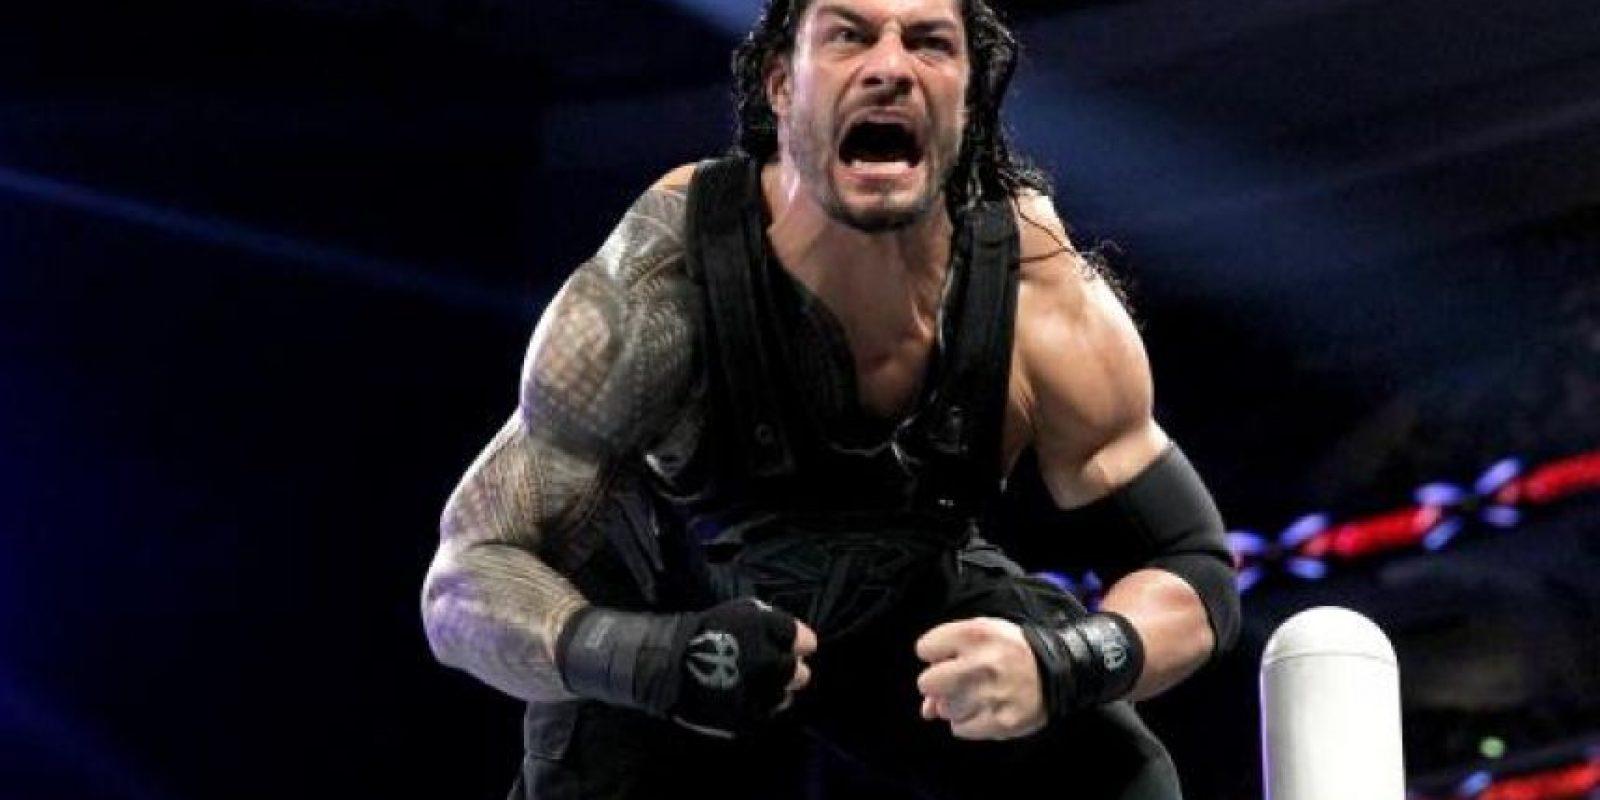 10. Cuenta con tatuajes tribales en sus brazos, en honor a sus raíces samoanas Foto:WWE